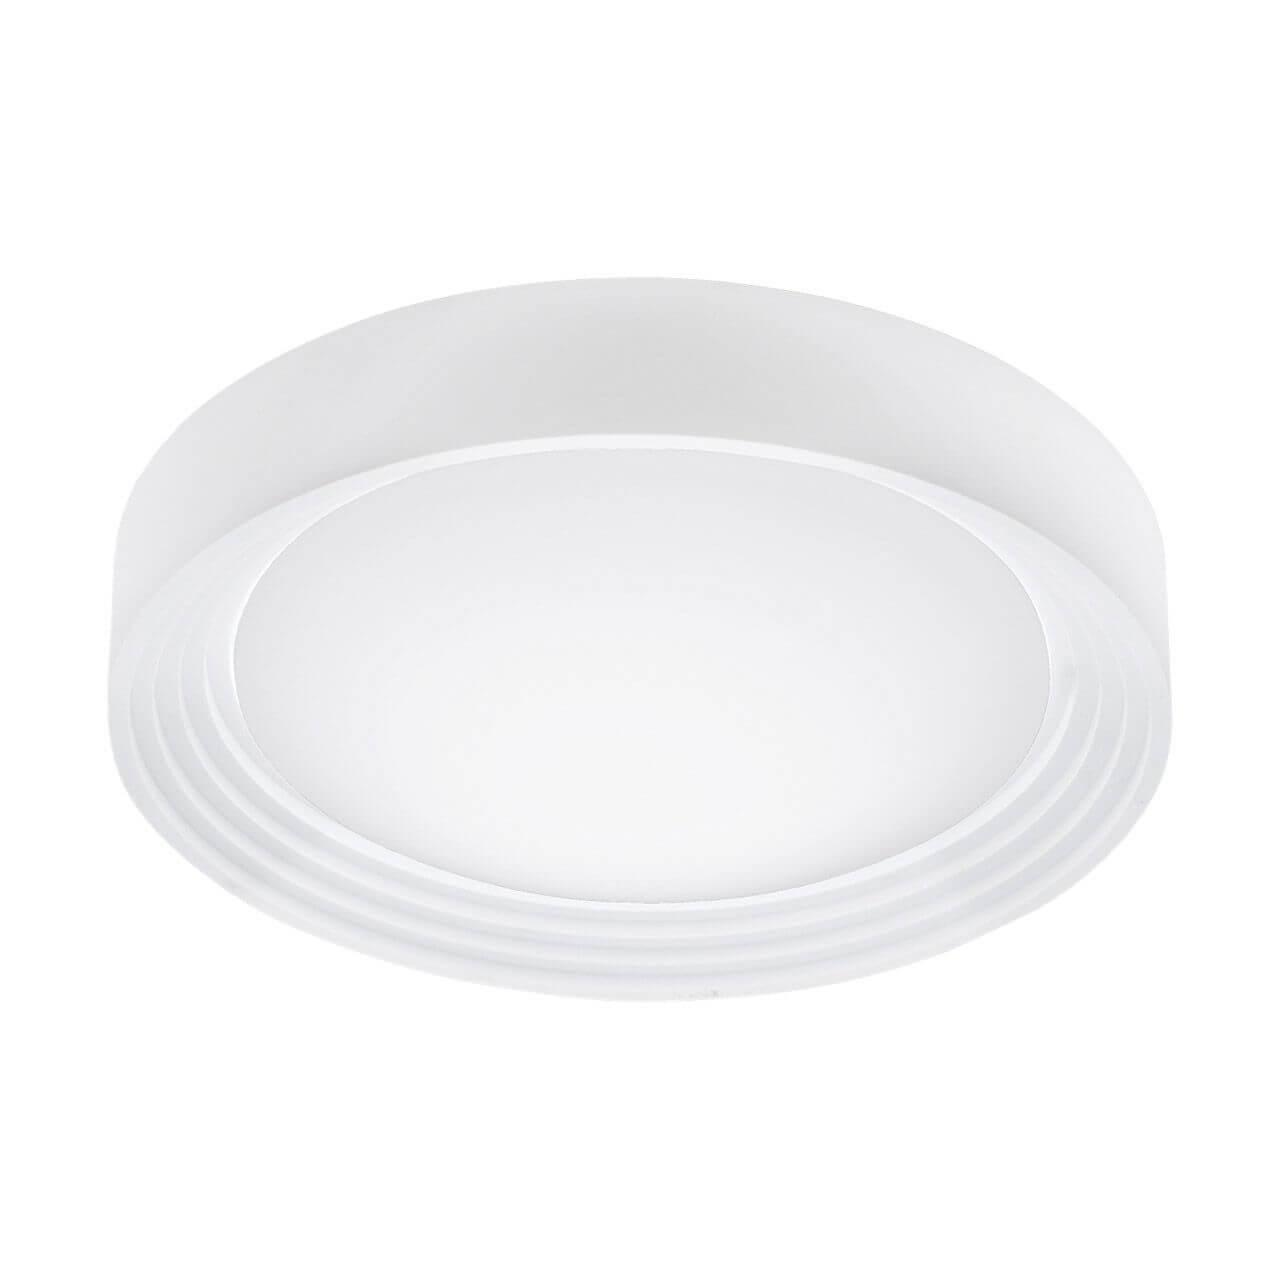 купить Накладной светильник Eglo 95693, LED, 11 Вт по цене 4090 рублей